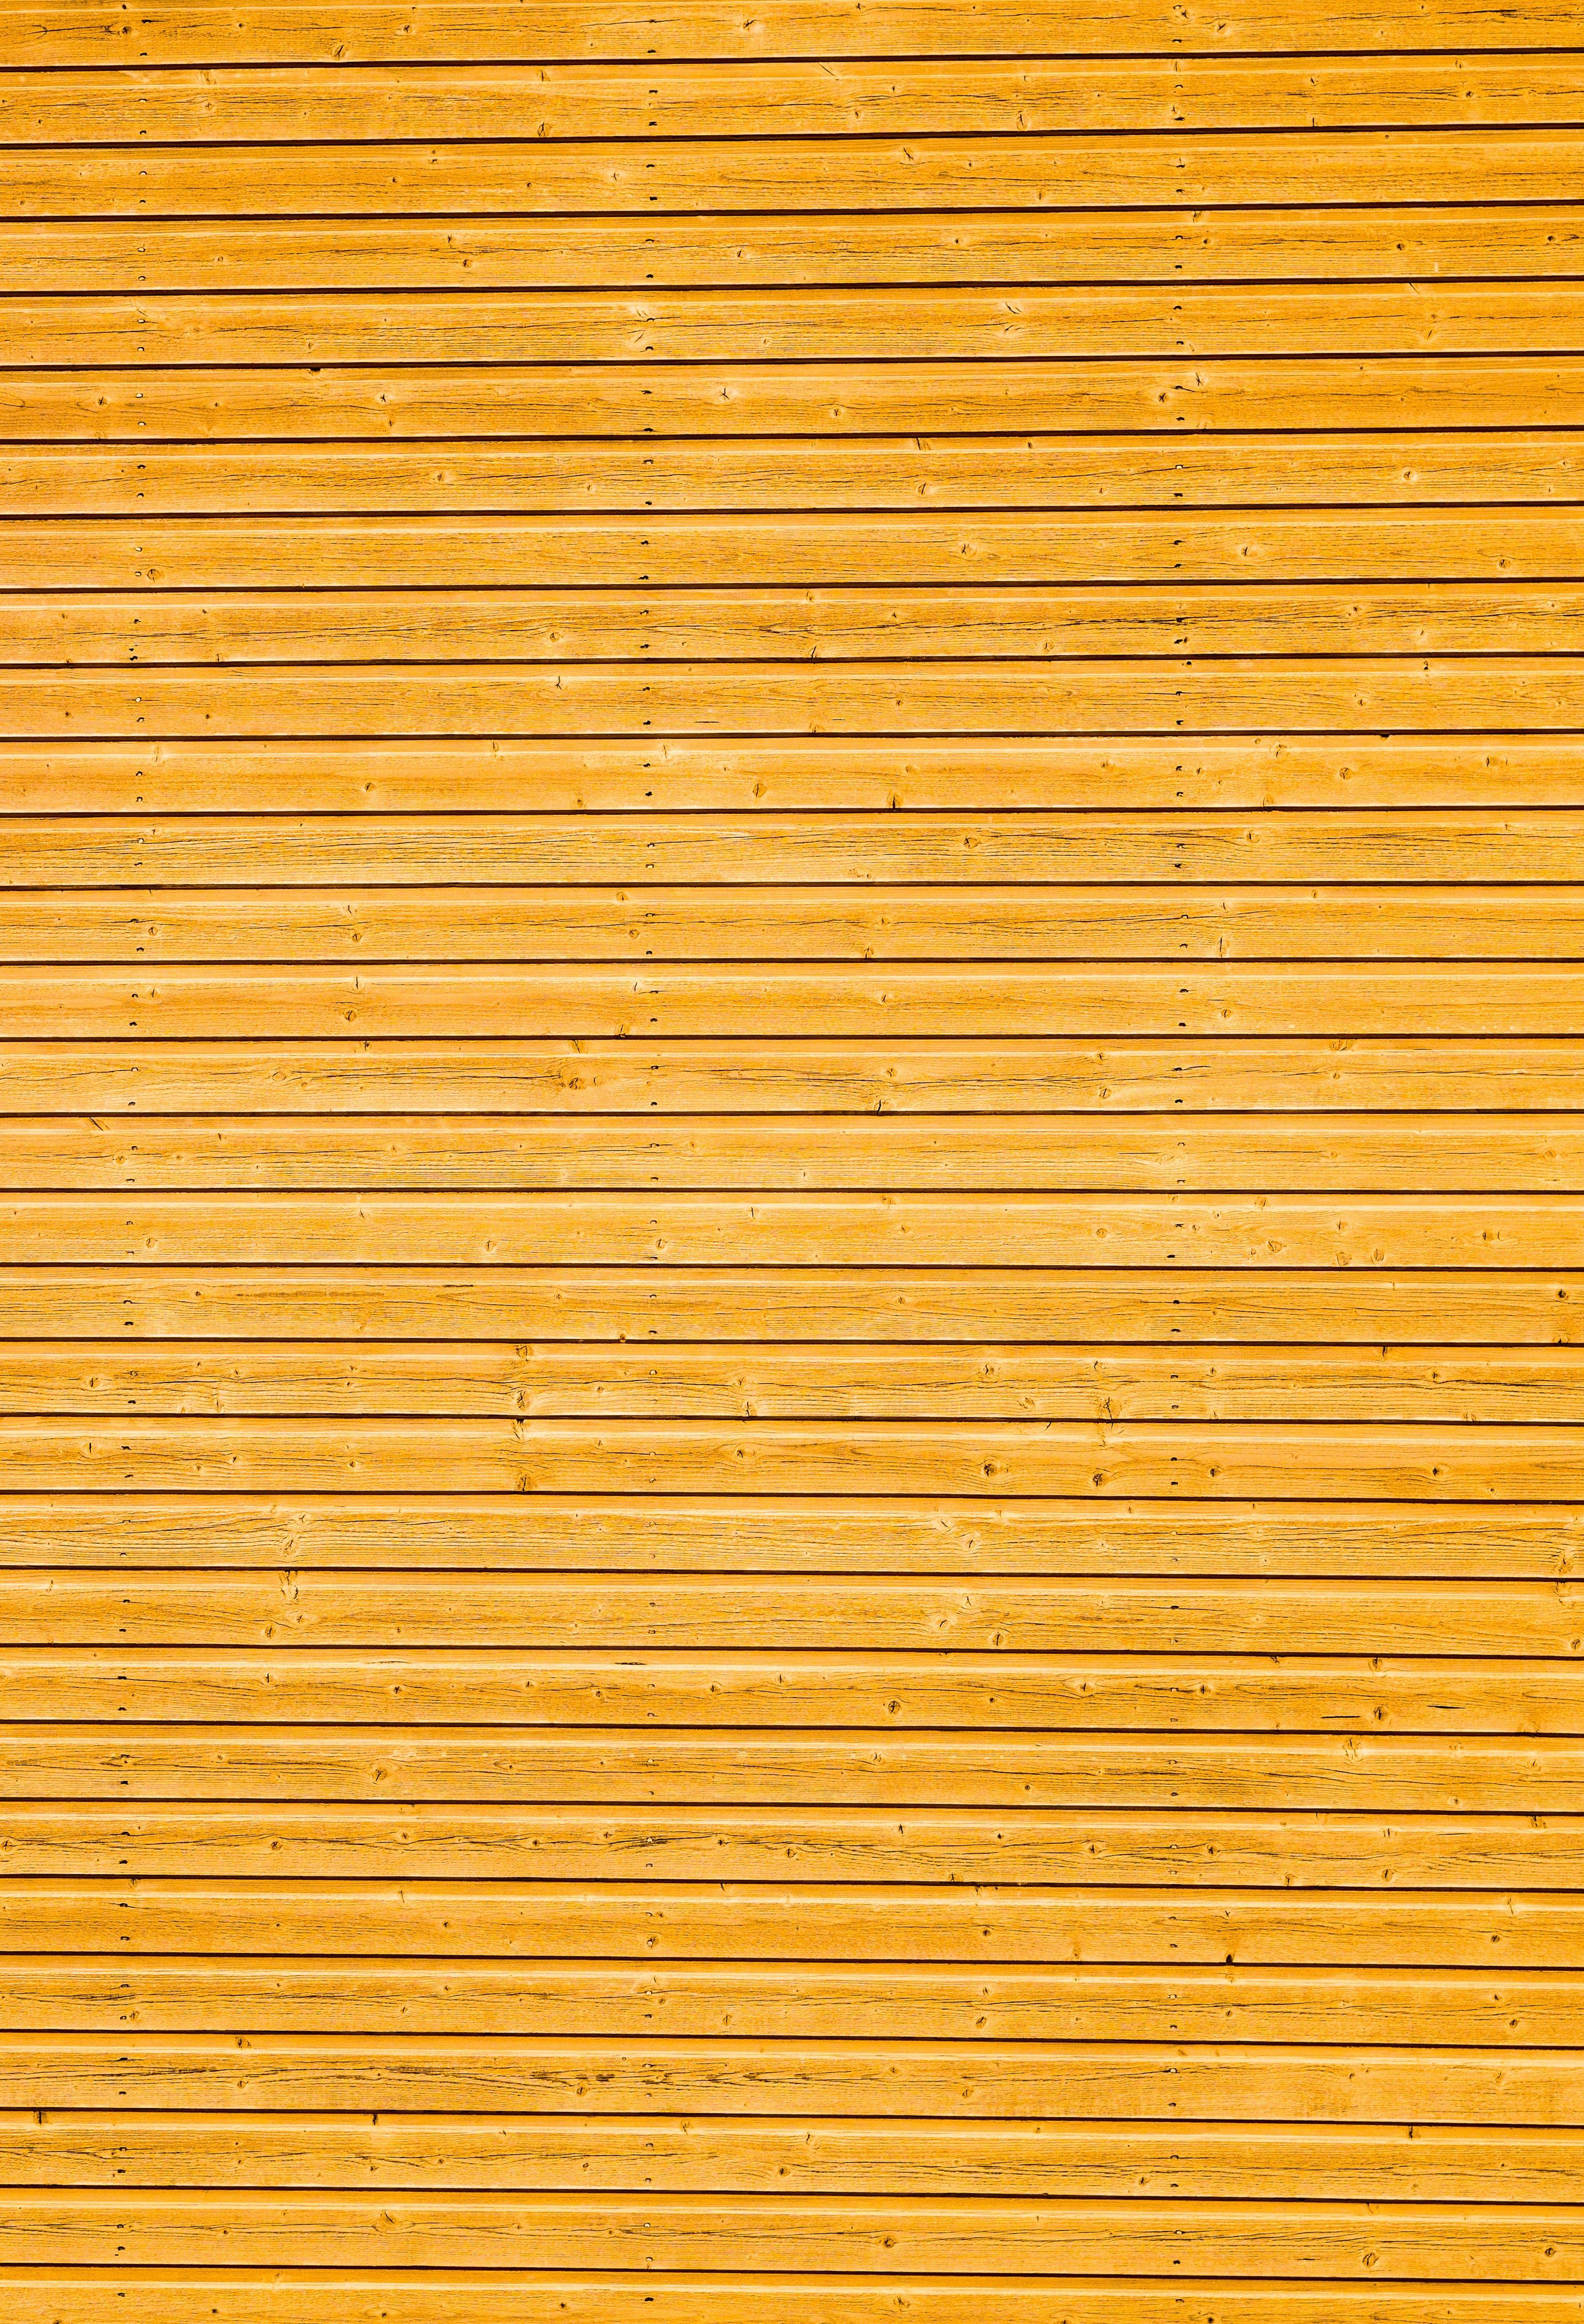 Full Frame Shot of Yellow Shutter